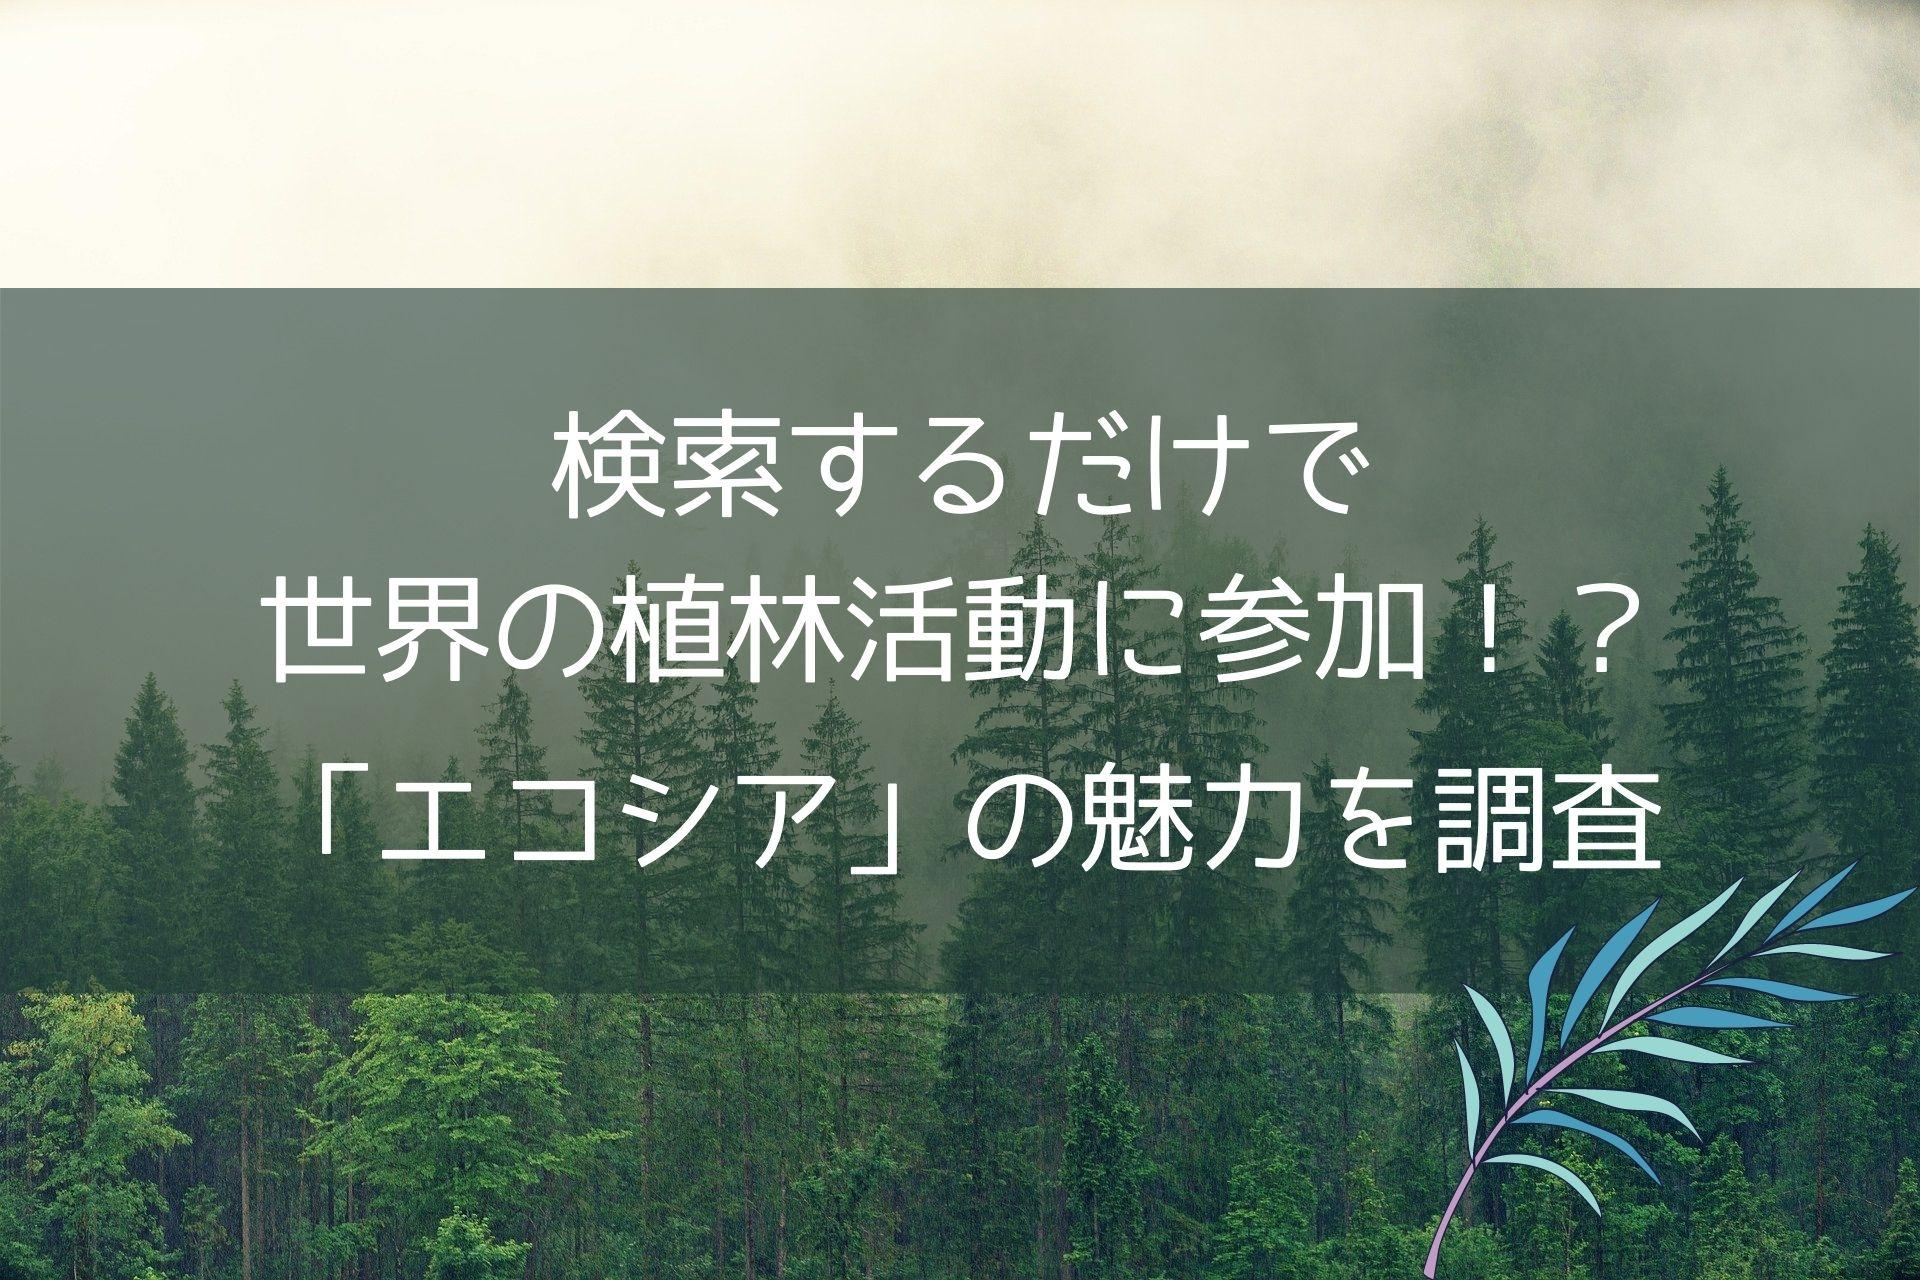 検索するだけで世界の植林活動に参加!?検索エンジン「エコシア」の魅力